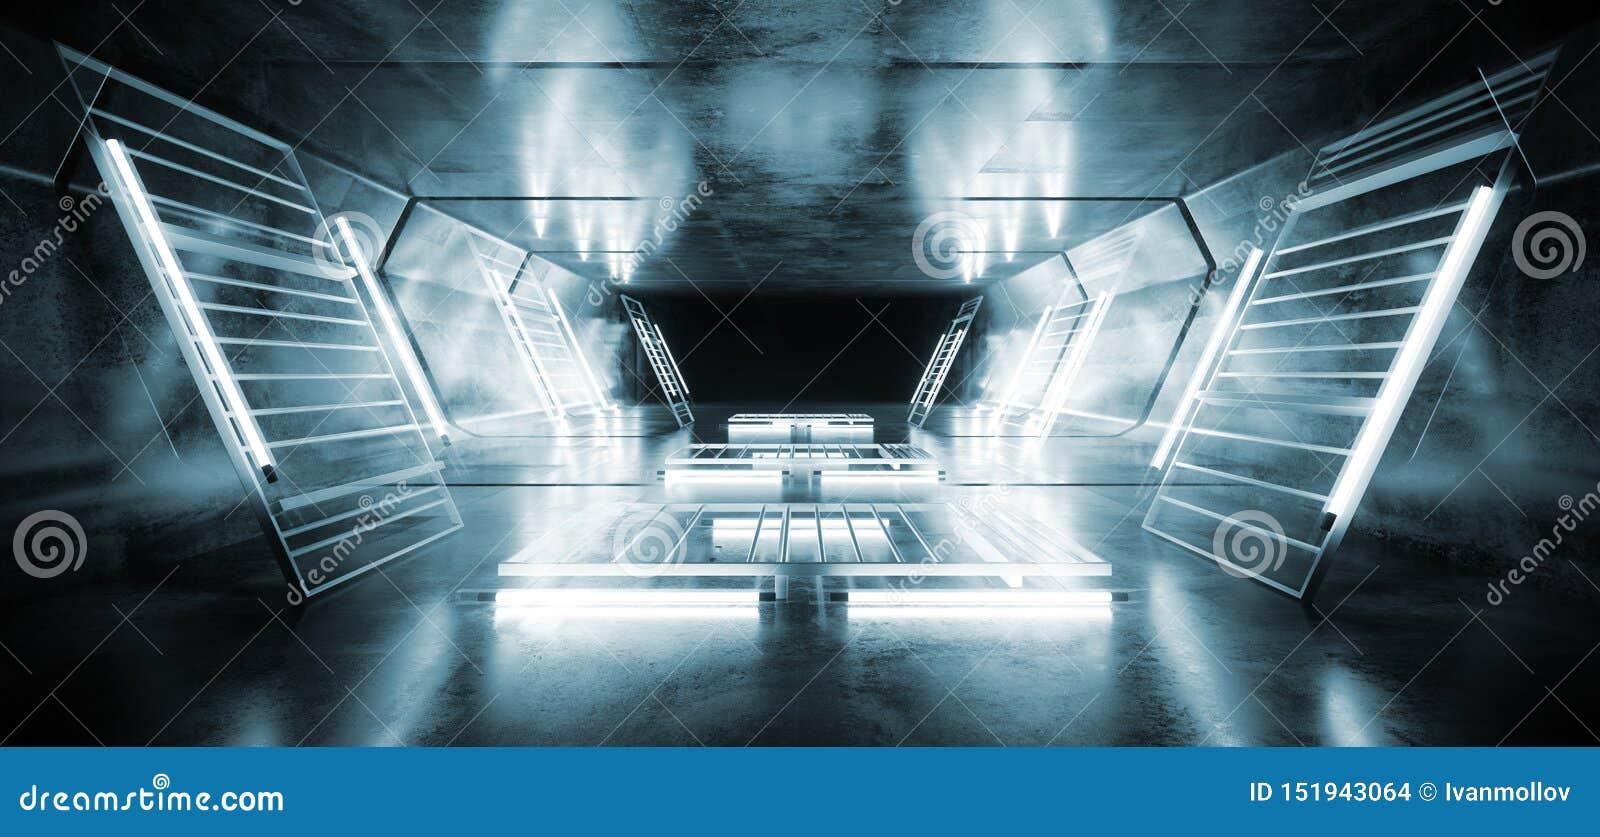 Futuristisches Film- glühender reflektierender Schmutz-konkreter Tunnel Bau-Metall-Mesh Spaceship Virtual White Blues Sci FI